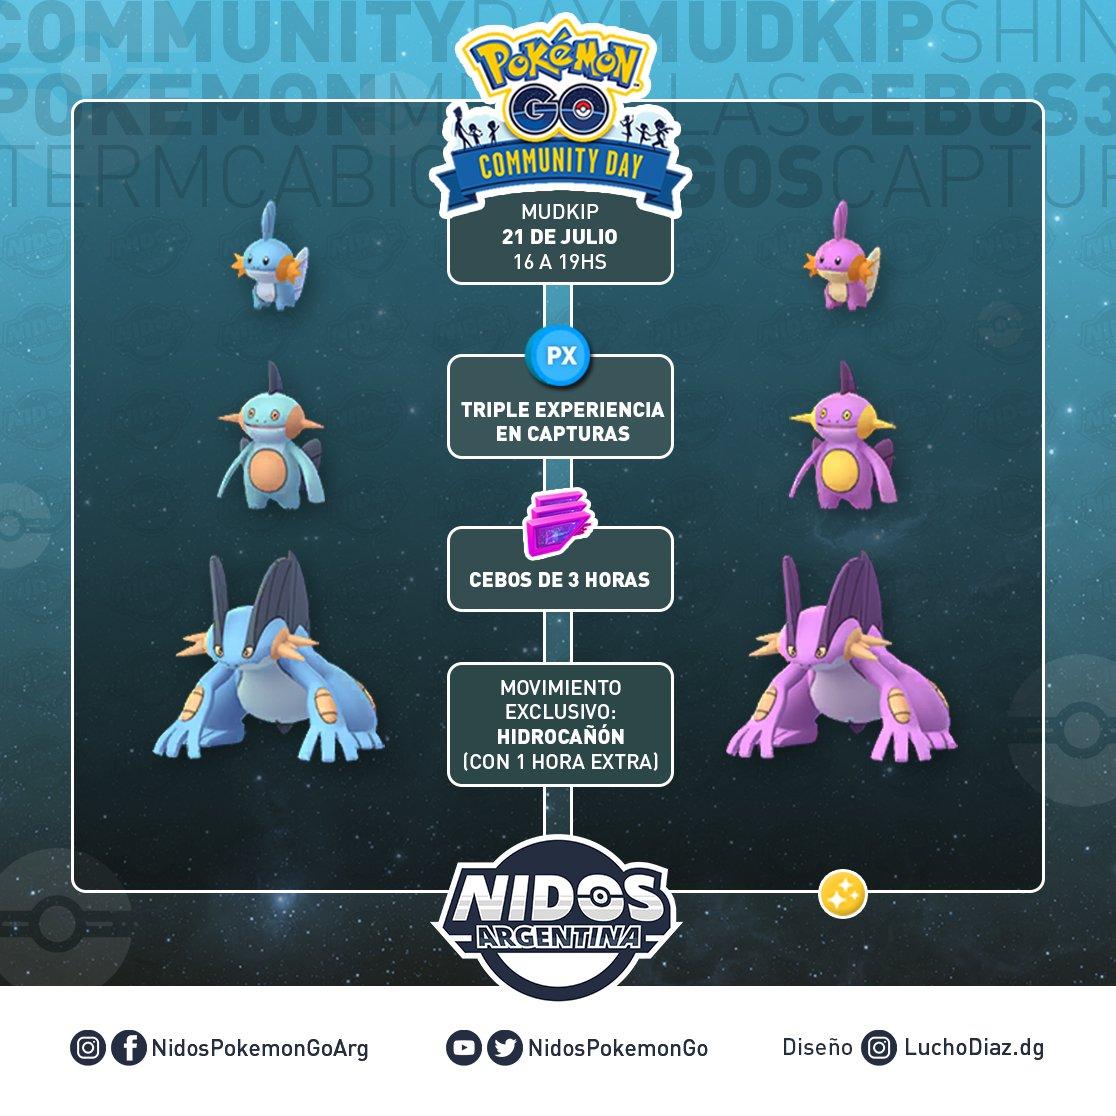 Imagen de Mudkip y sus evoluciones normal y shiny en el Día de la Comunidad de Mudkip de Pokémon GO hecho por Nidos Pokémon GO Argentina